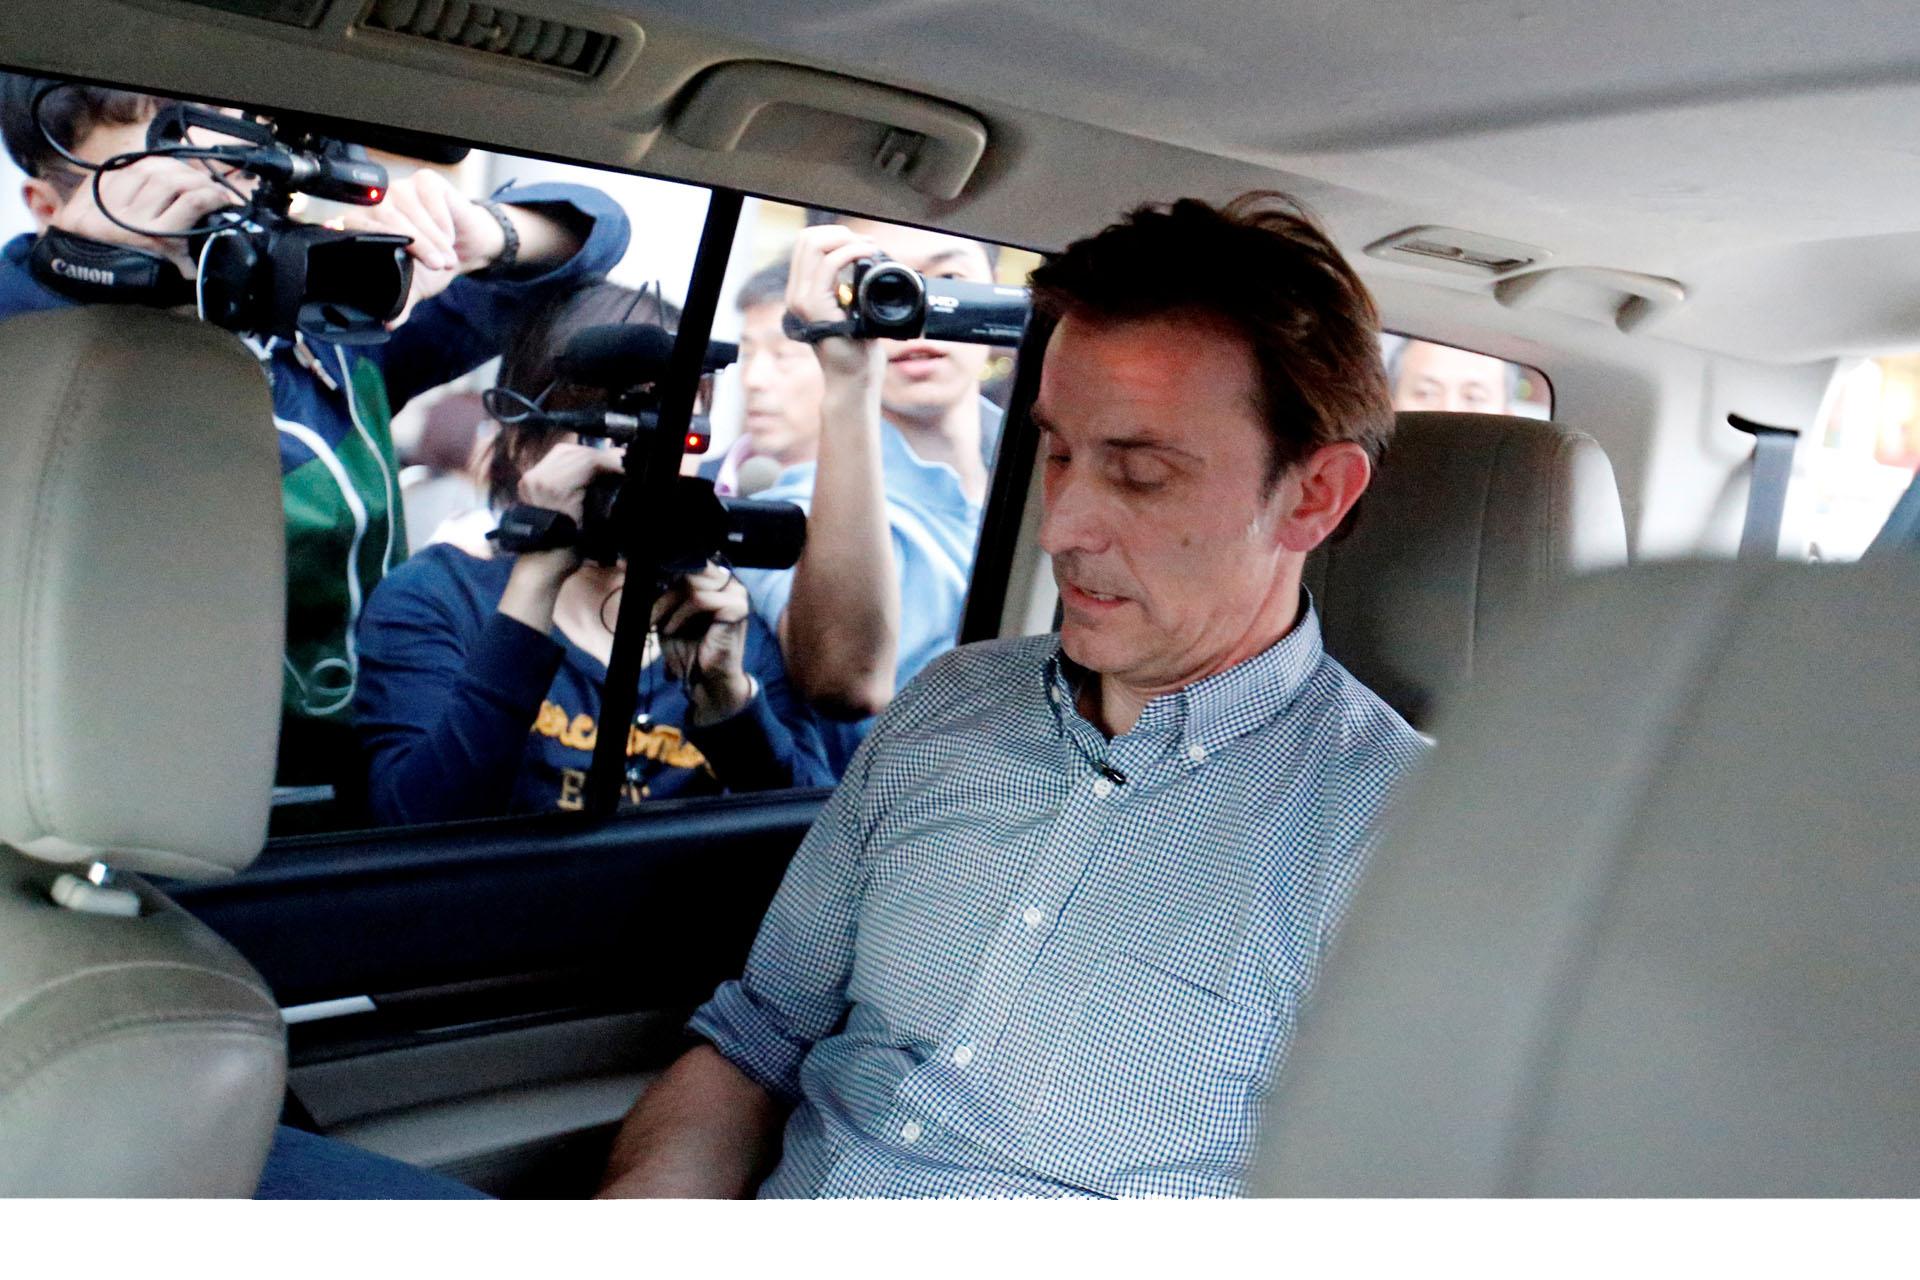 Detenido periodista de la BBC